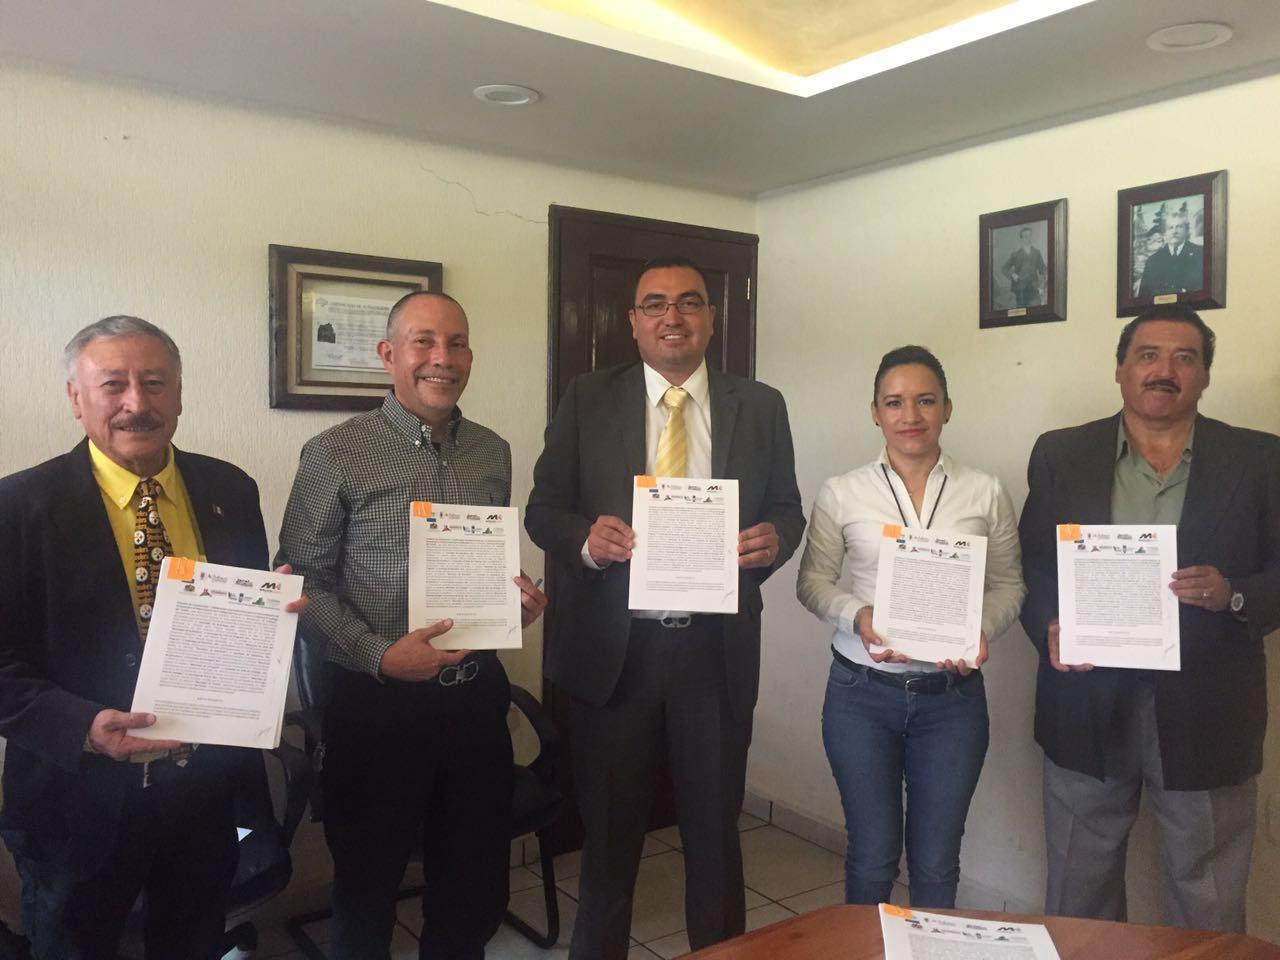 Alcántar Saucedo ratificó el compromiso de trabajar de la mano con dicho instituto a través de la Dirección de Ecología, para el cuidado de la riqueza natural en el marco de la estrategia nacional para revertir el cambio climático y el deterioro ambiental.